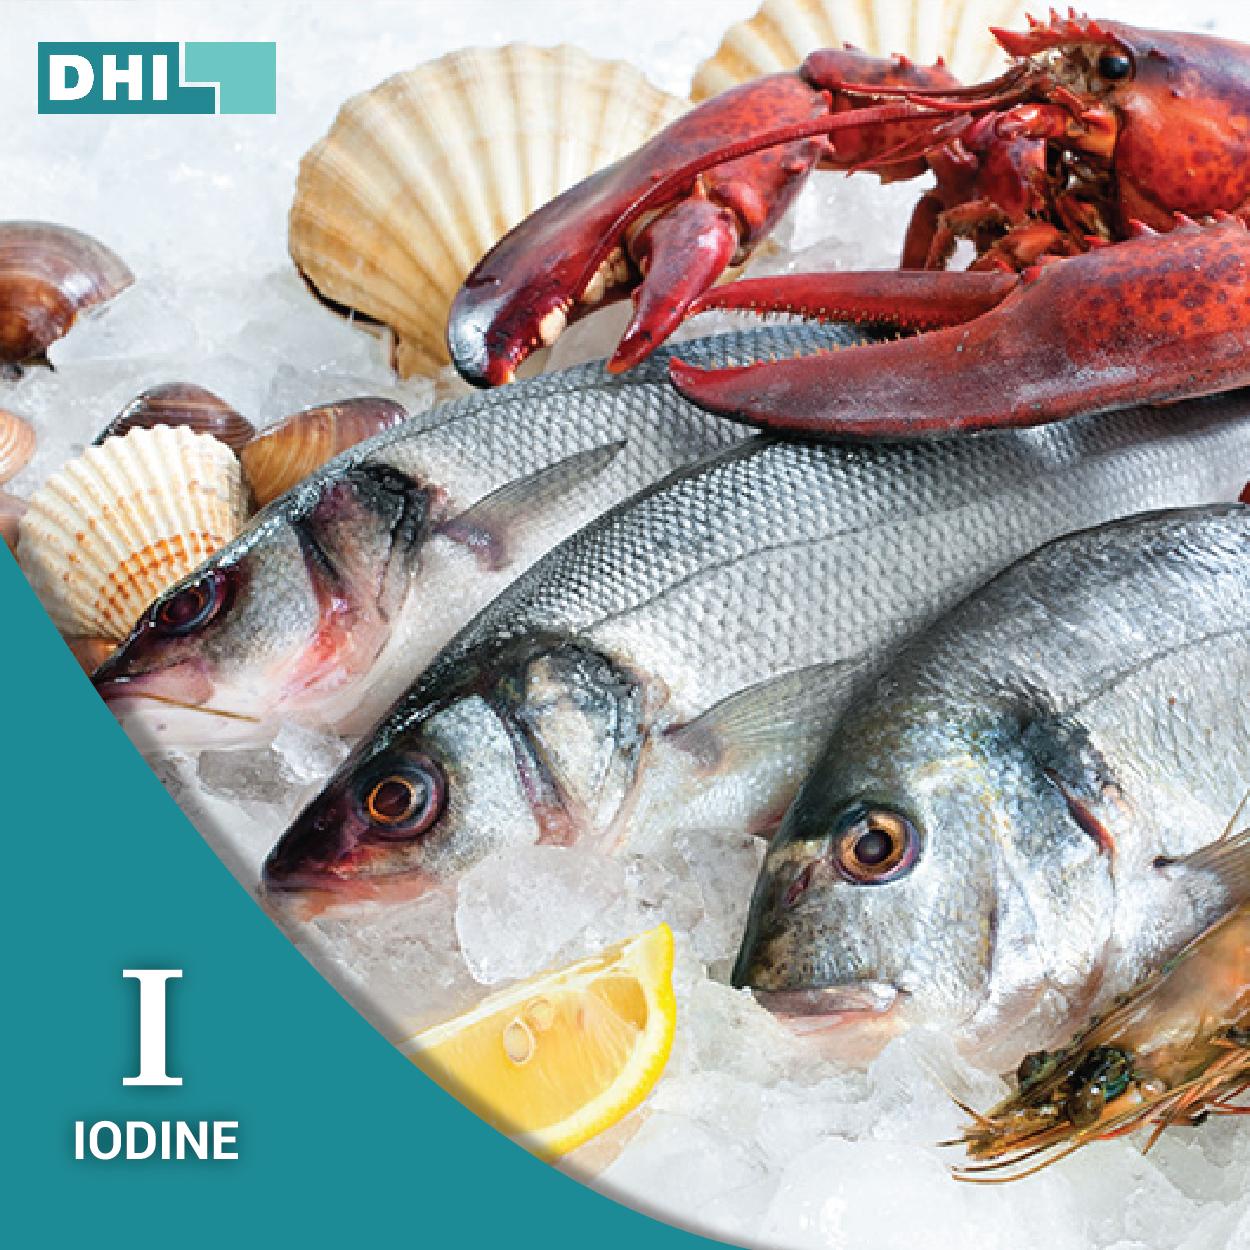 O Iodine participa ativamente na reconstrução e crescimento de cabelo e unhas. O peixe e os frutos do mar são alimentos ricos em iodine. Previna a calvicie atraves da alimentação http://www.dhi.pt/blog/2015/5/26/previna-a-calvicie-atraves-da-alimentacao